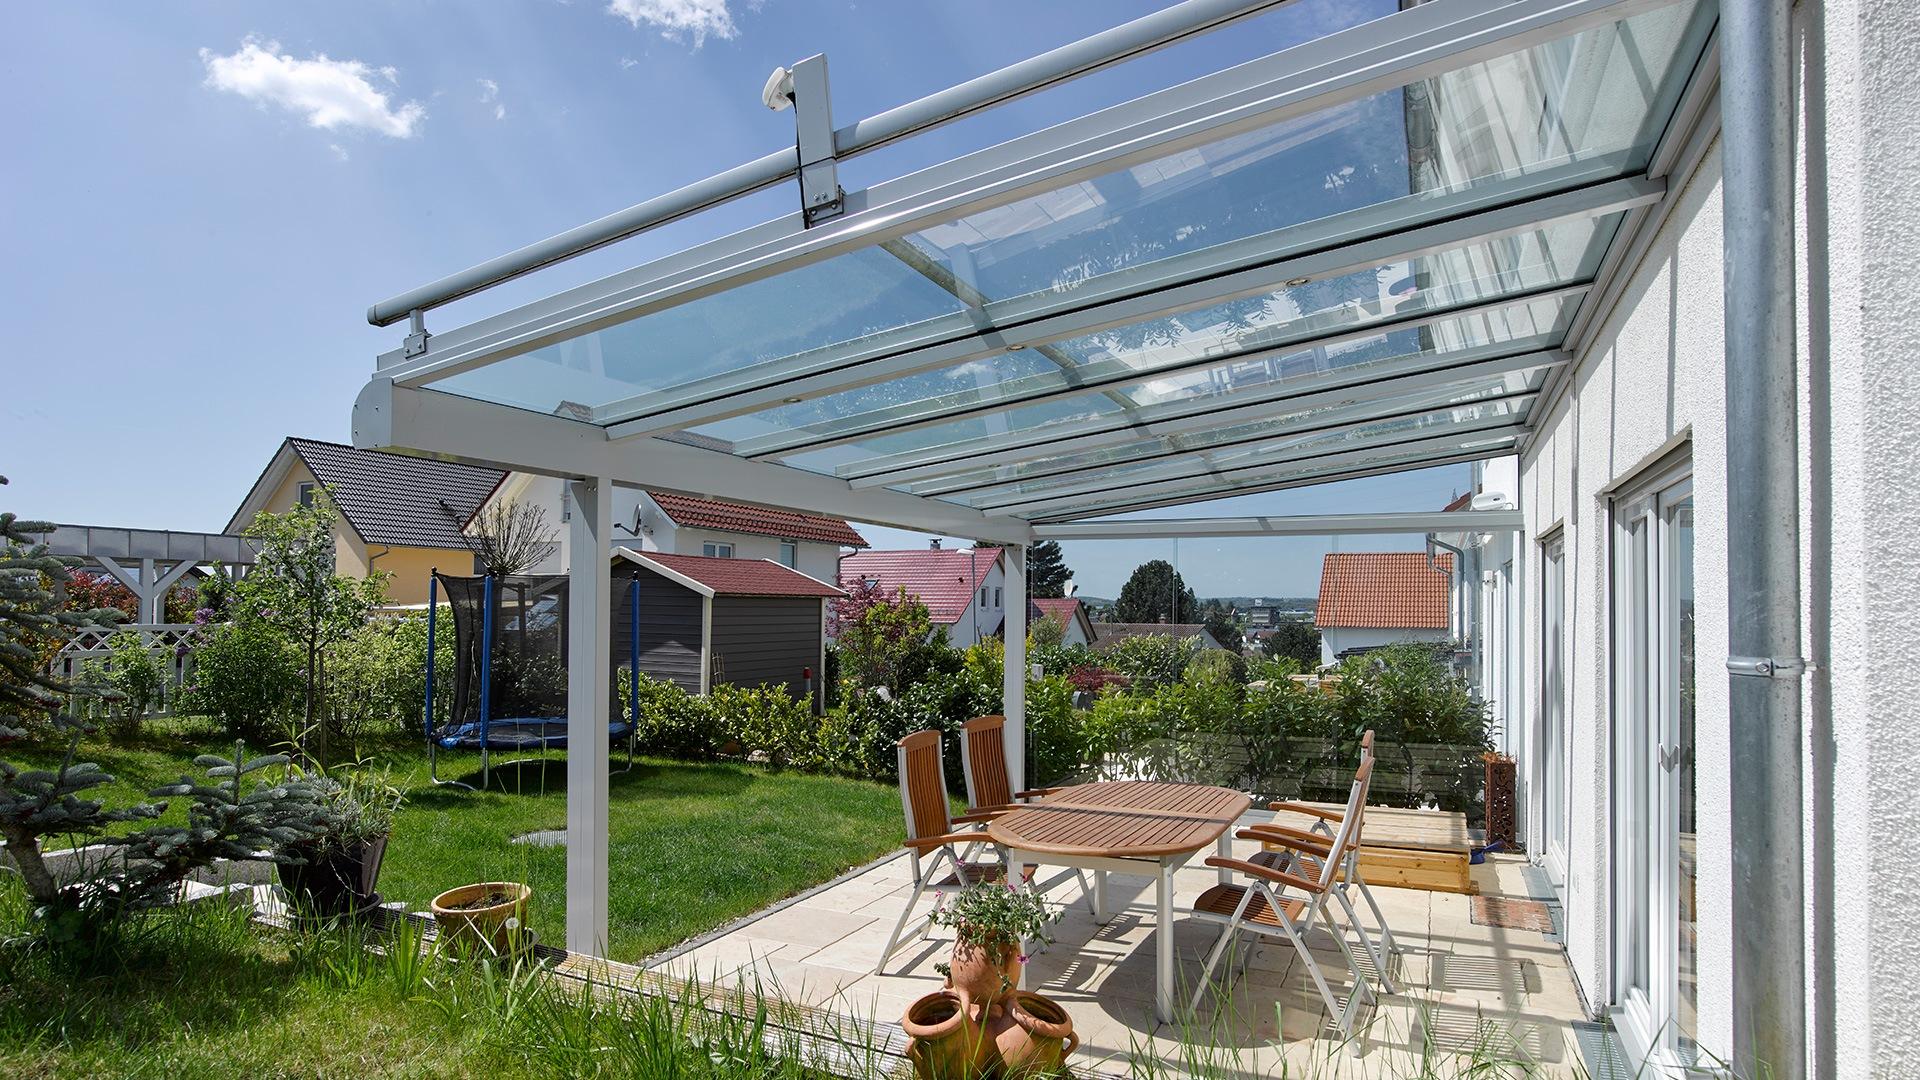 zanker jardino 06 - Sonnenschutz für Balkon und Terrasse